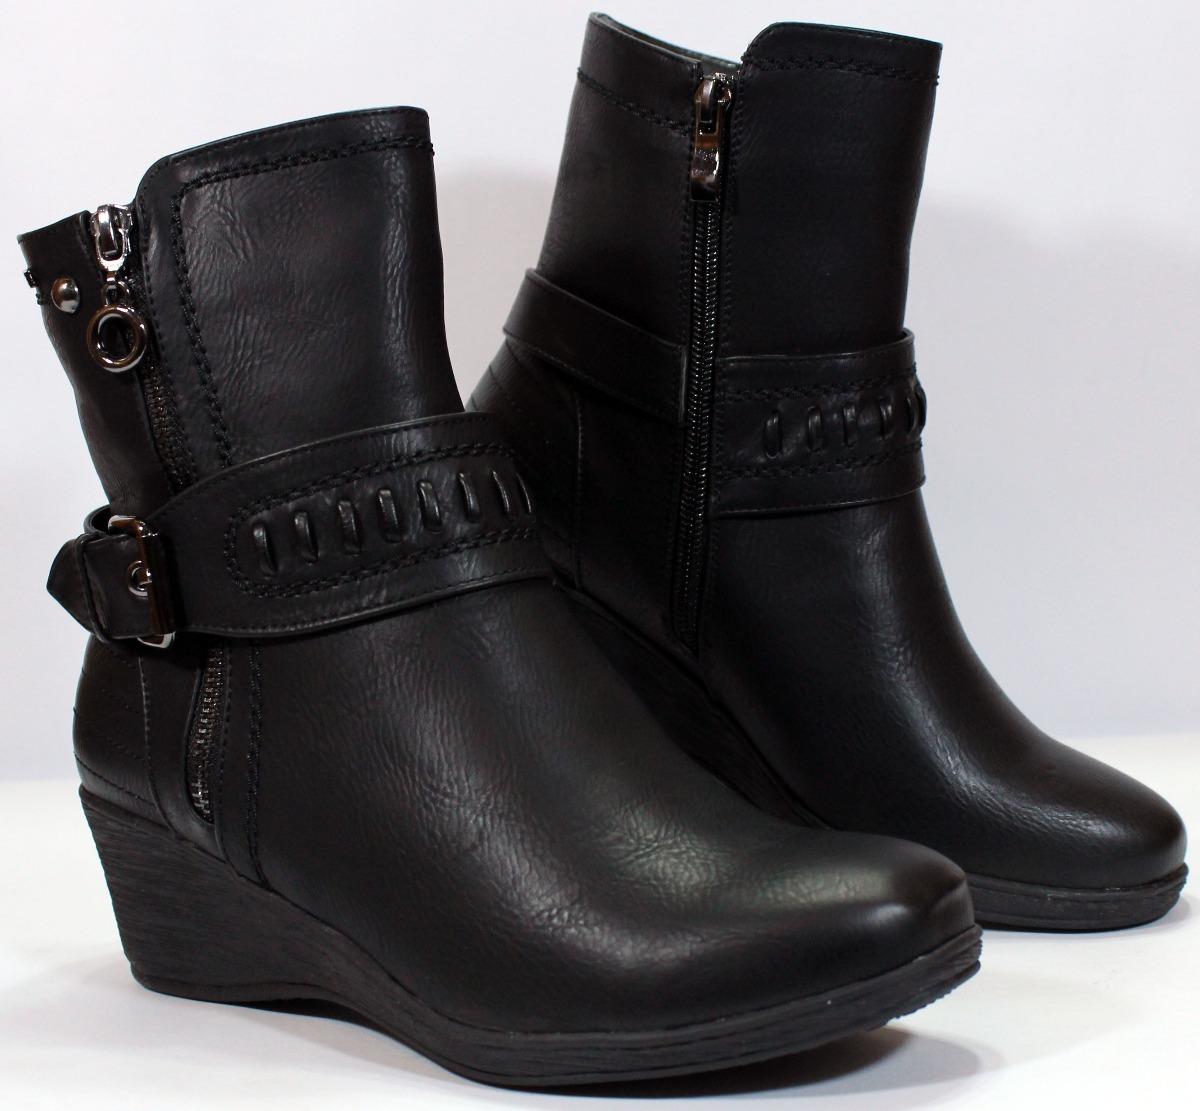 546eedfd4 botas chocolate media caña t  chino mujer 1670 calzados susy. Cargando zoom.